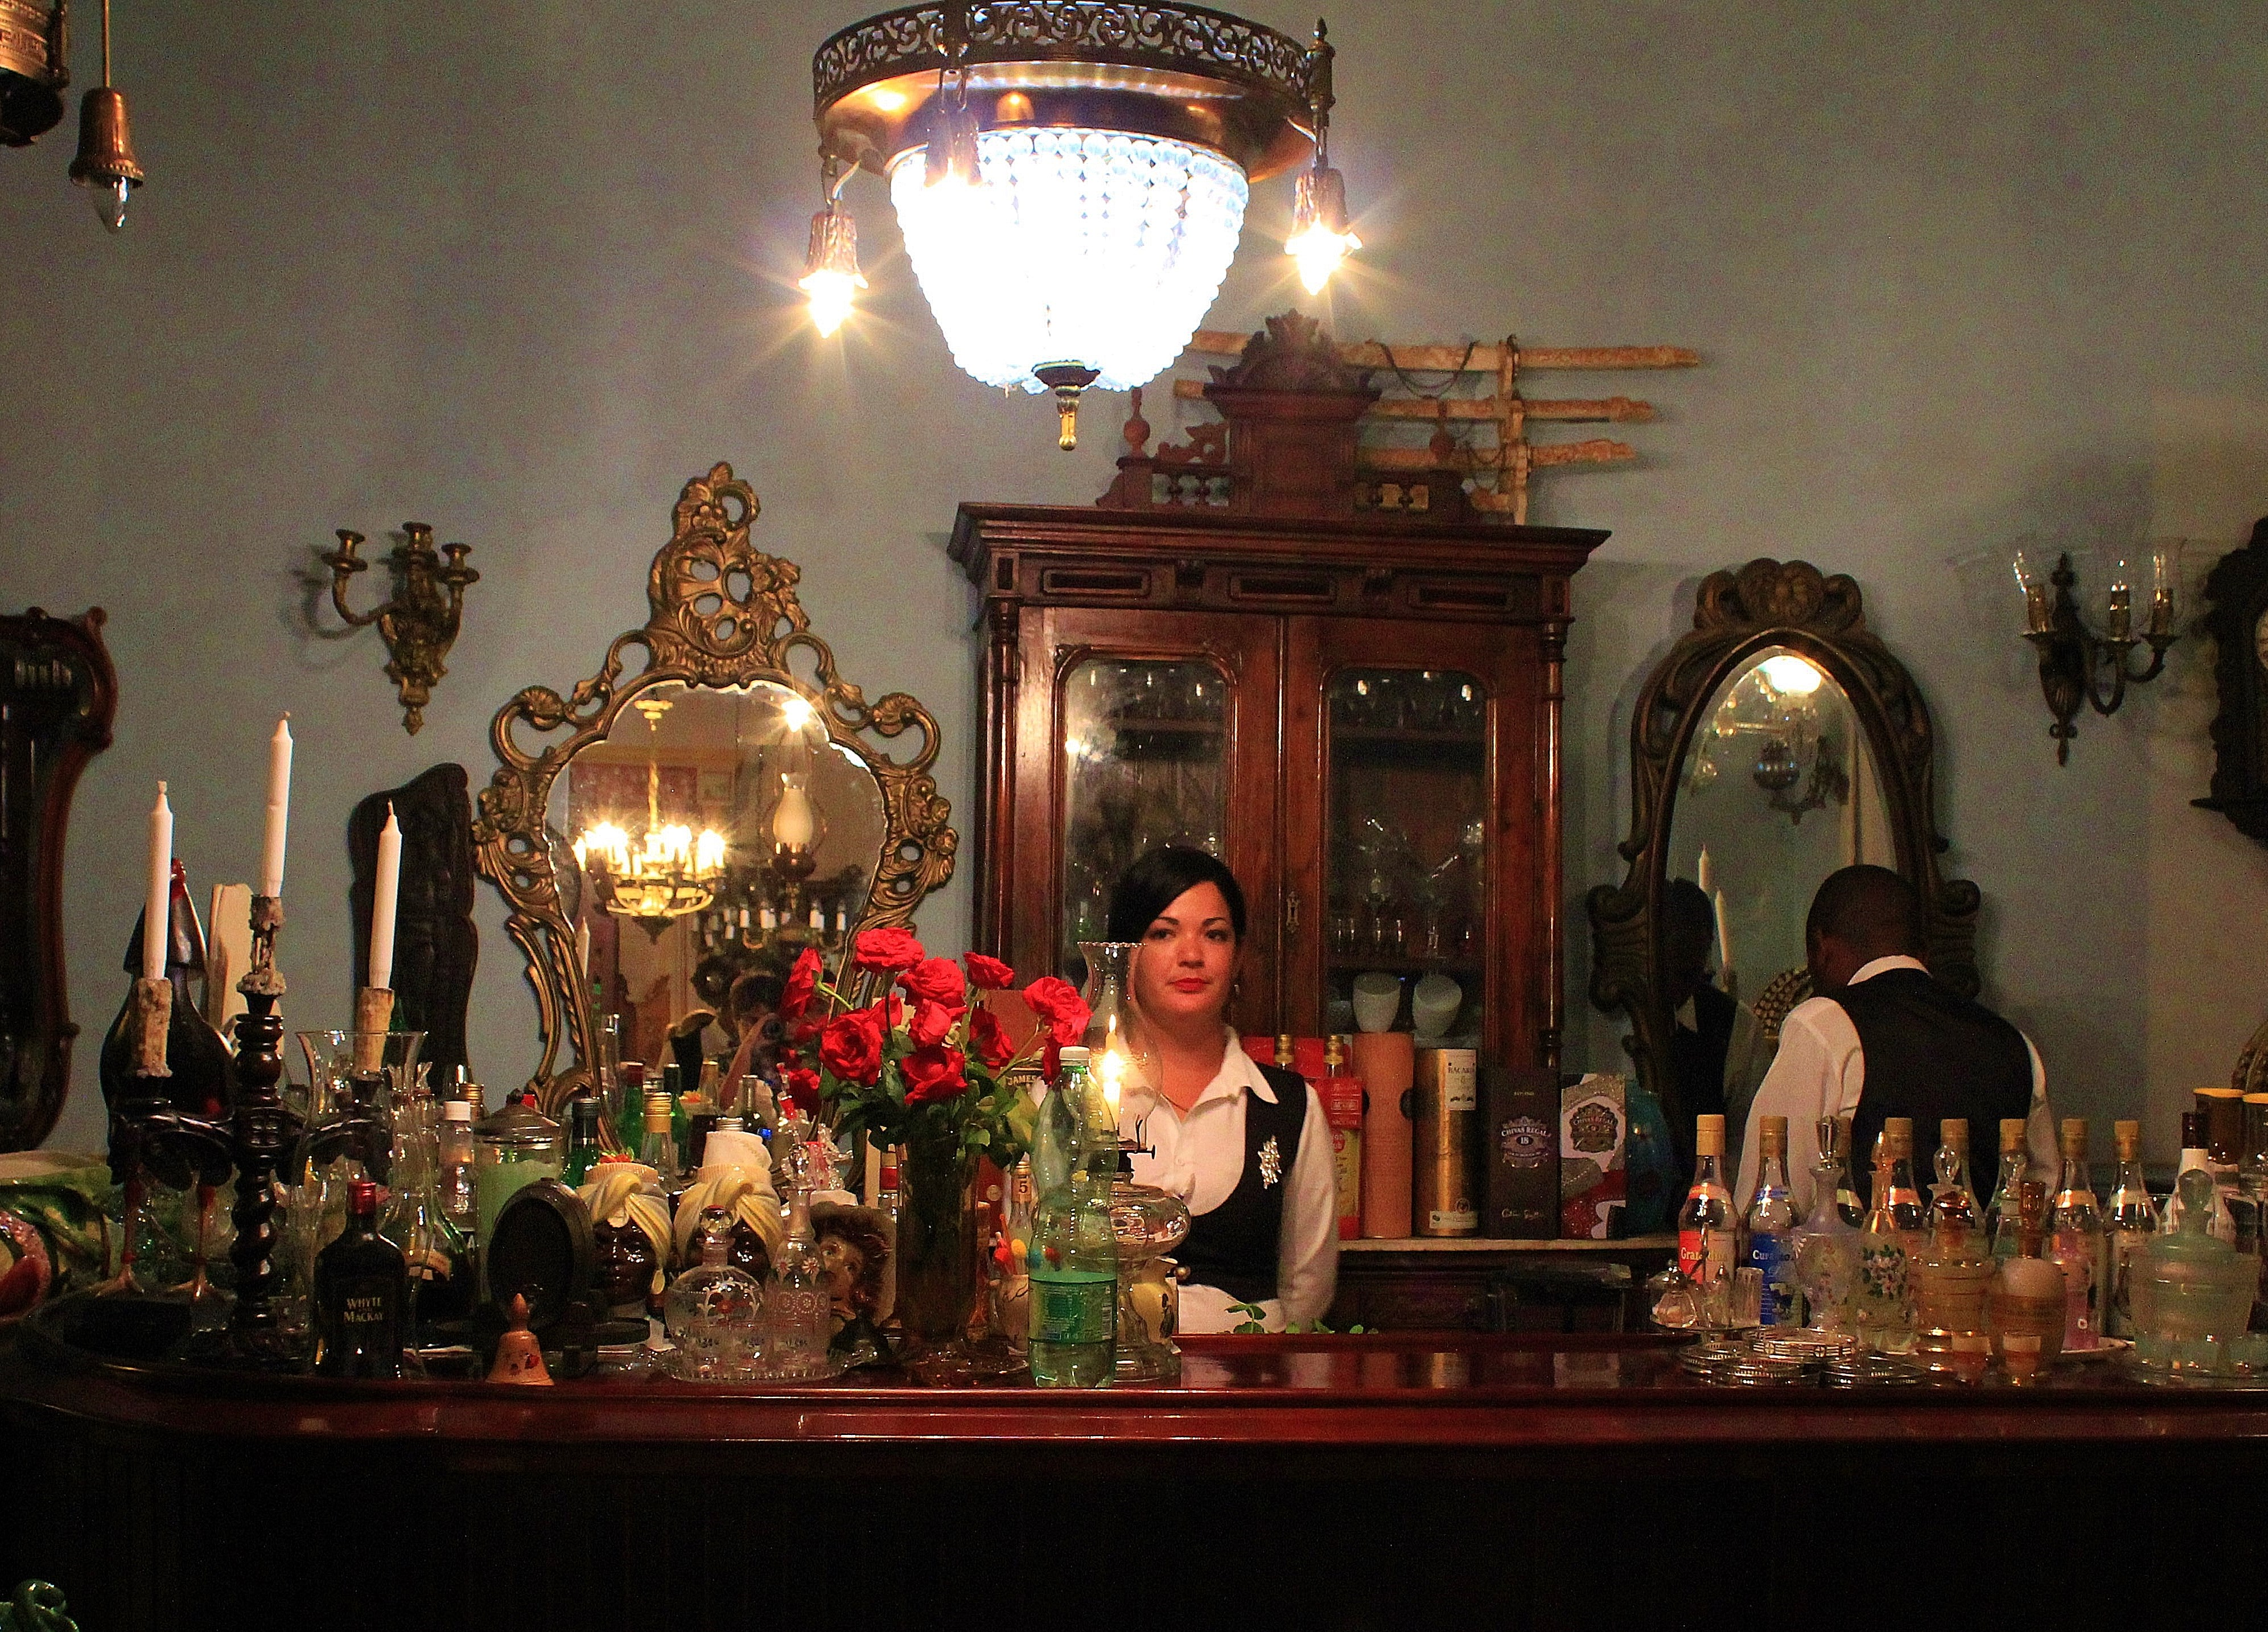 Trinidad-Bartender A Cuban Road Trip, Part 2 - Trinidad Cuba Trinidad